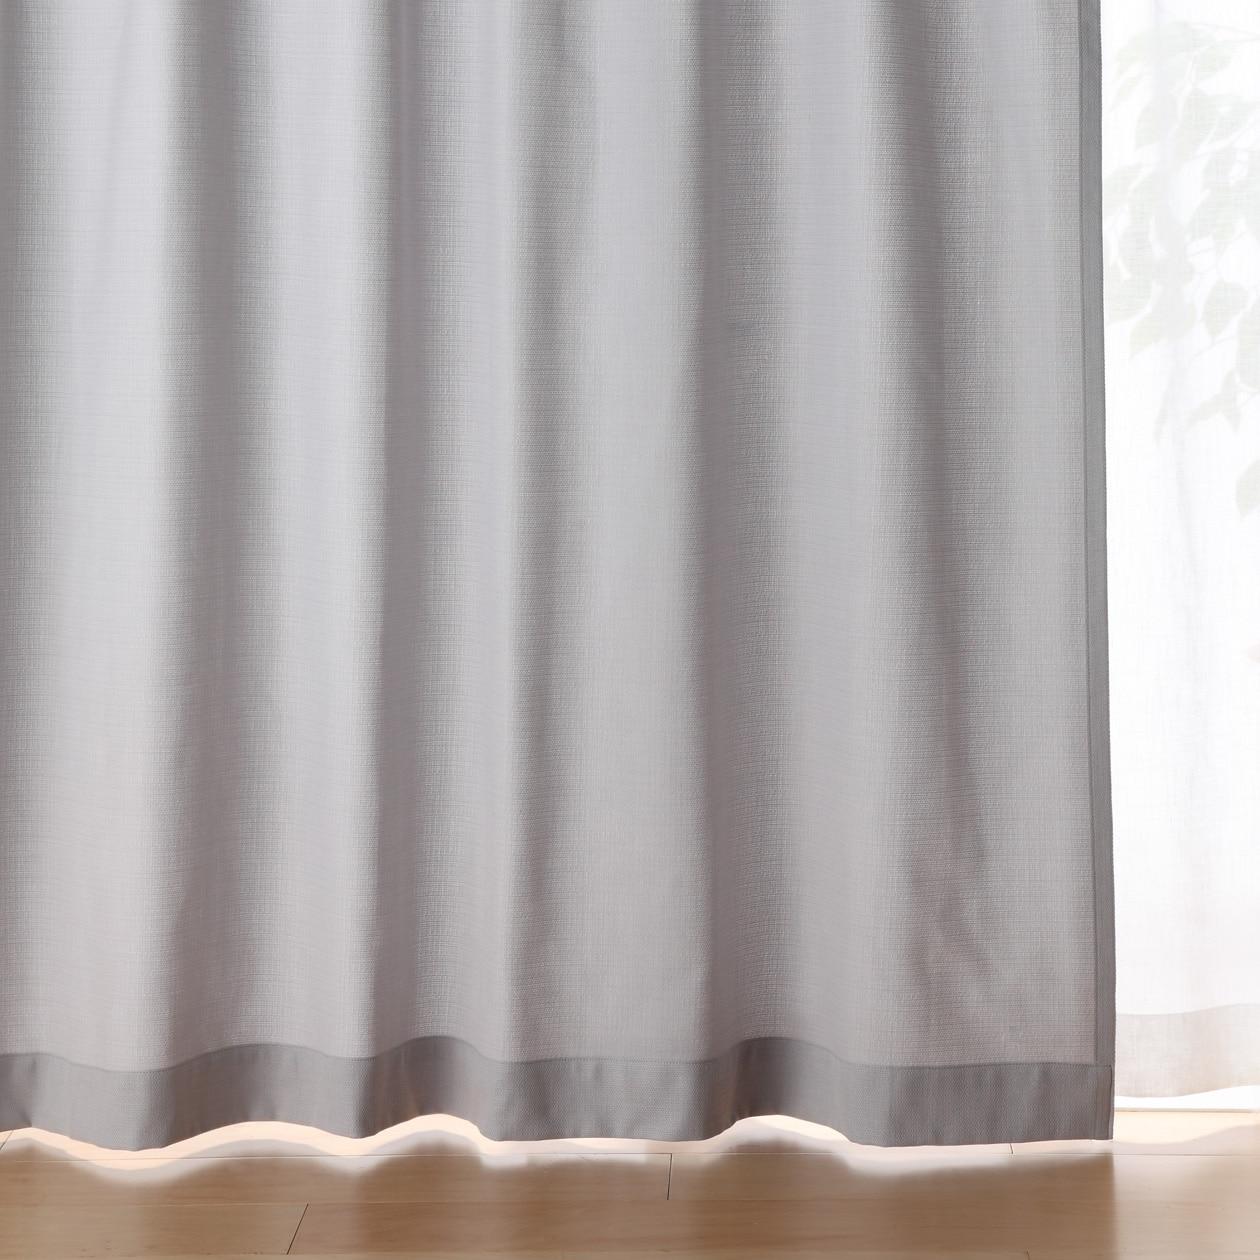 ポリエステル綿変り織プリーツカーテン/ライトグレー